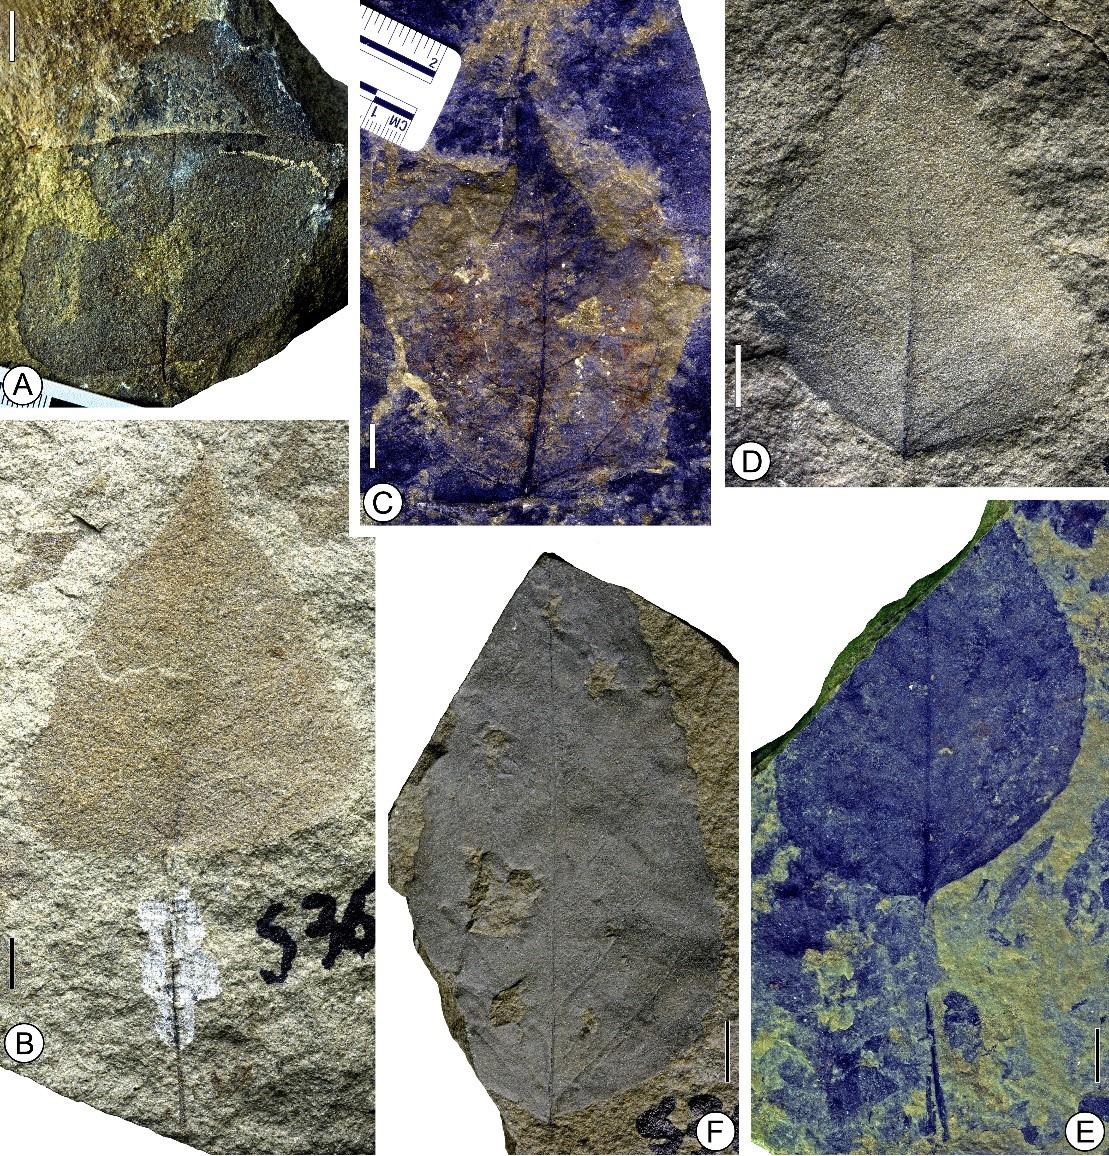 植物化石显示冈仁波齐盆地渐新世最晚期古海拔